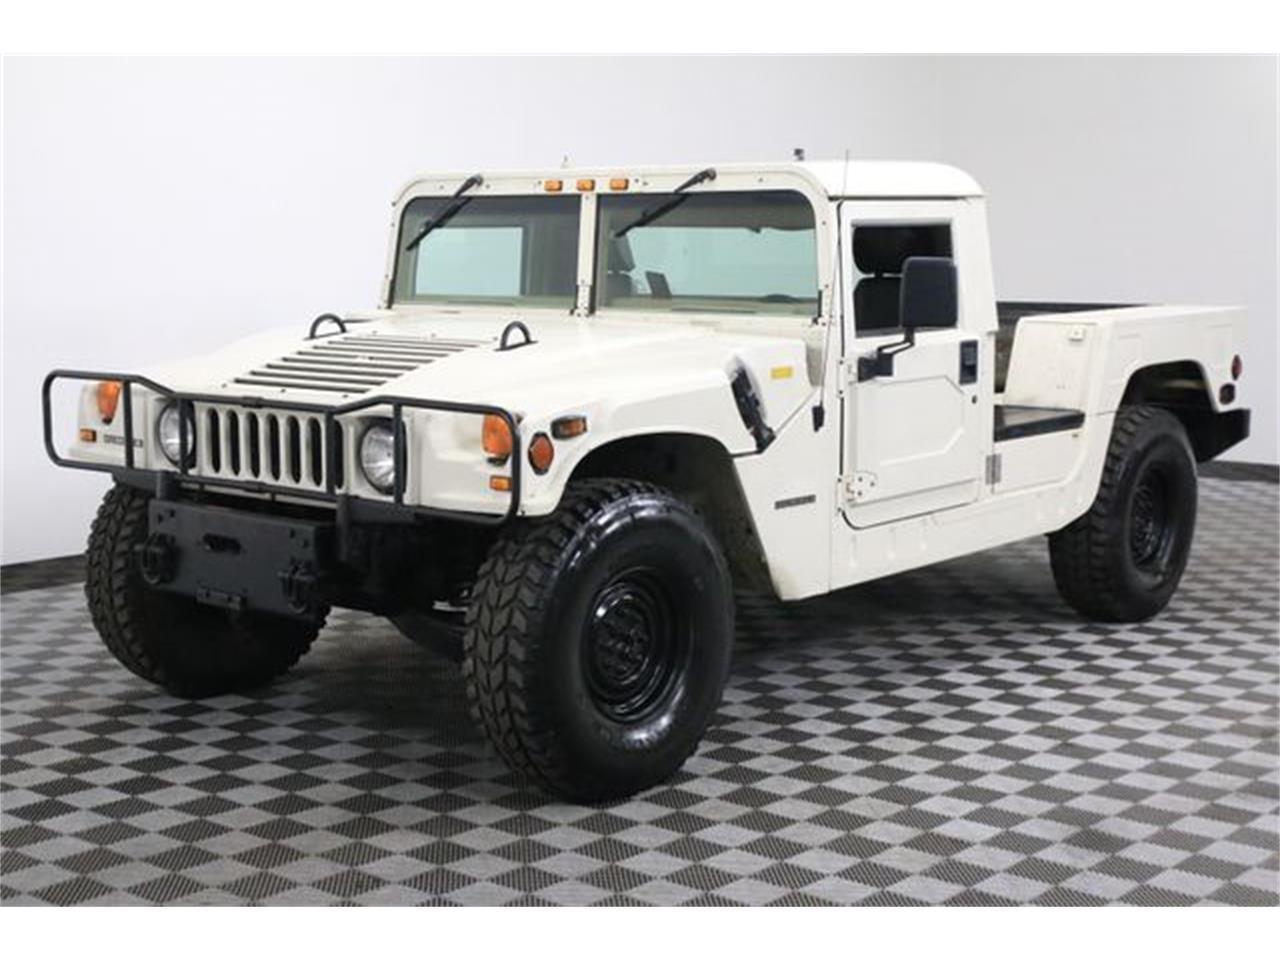 For Sale: 1111 Hummer H11 in Denver , Colorado | hummer truck for sale